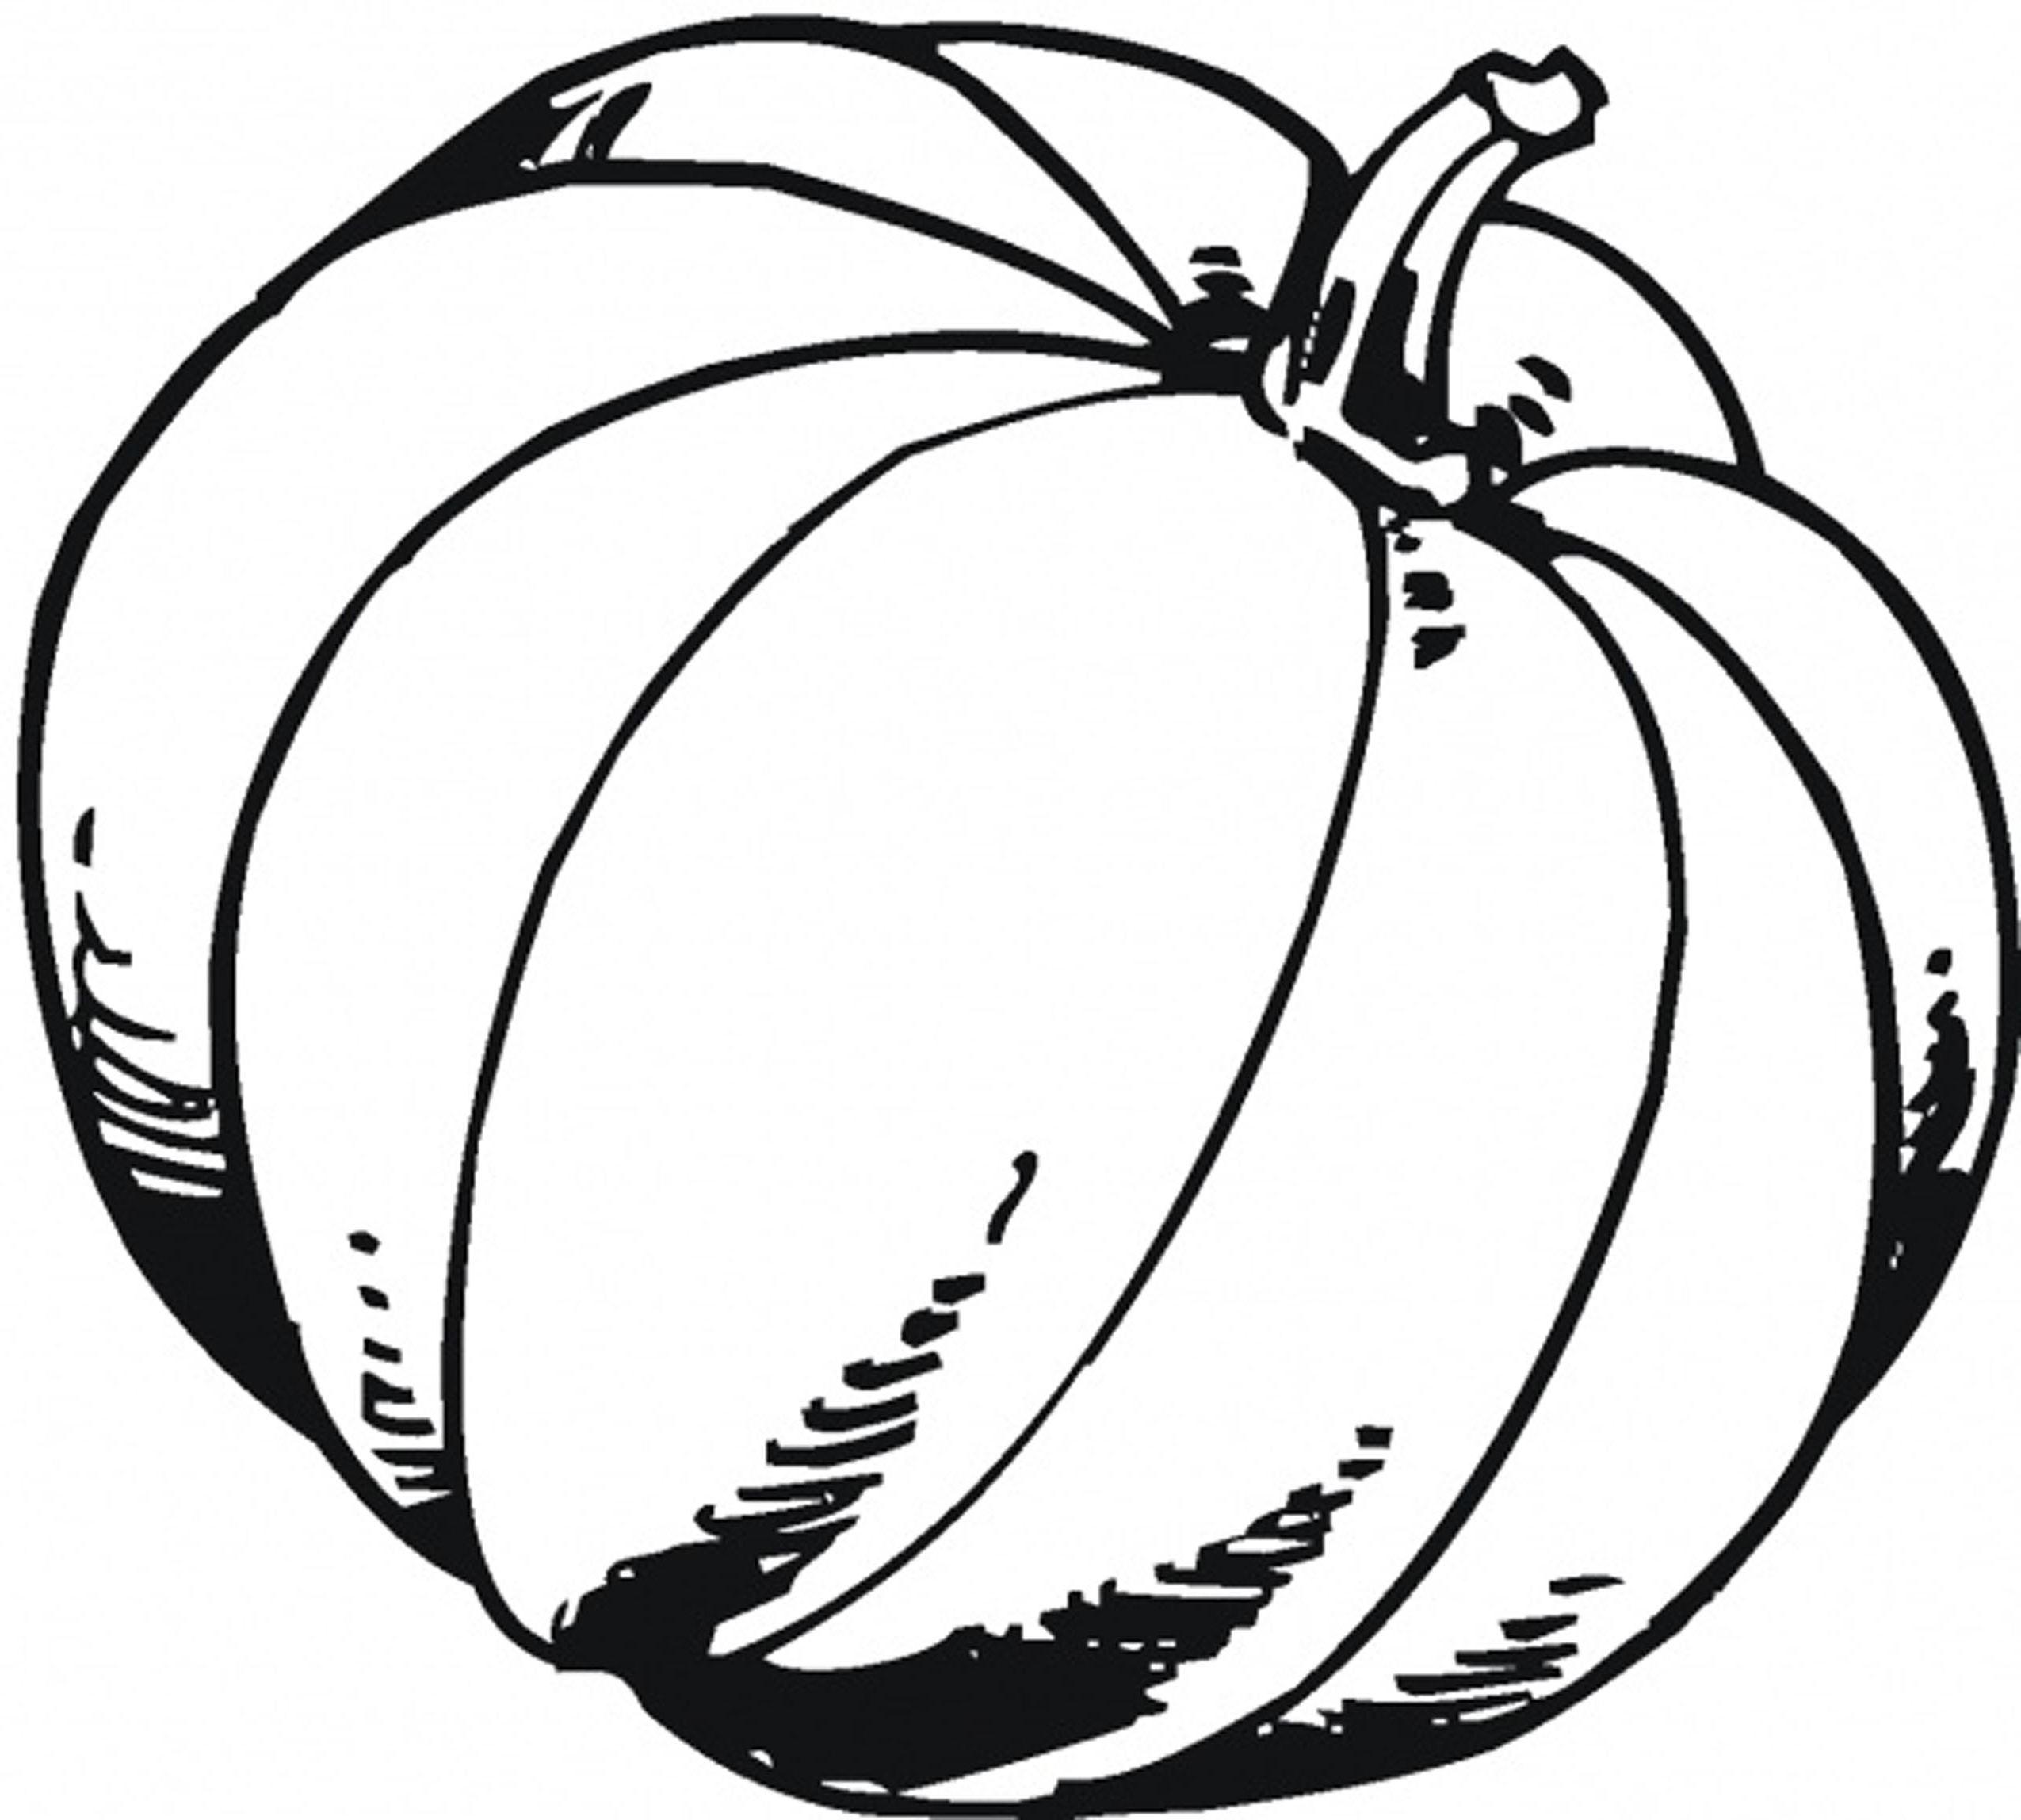 Pumpkin Outline Printable   Free download best Pumpkin Outline ...